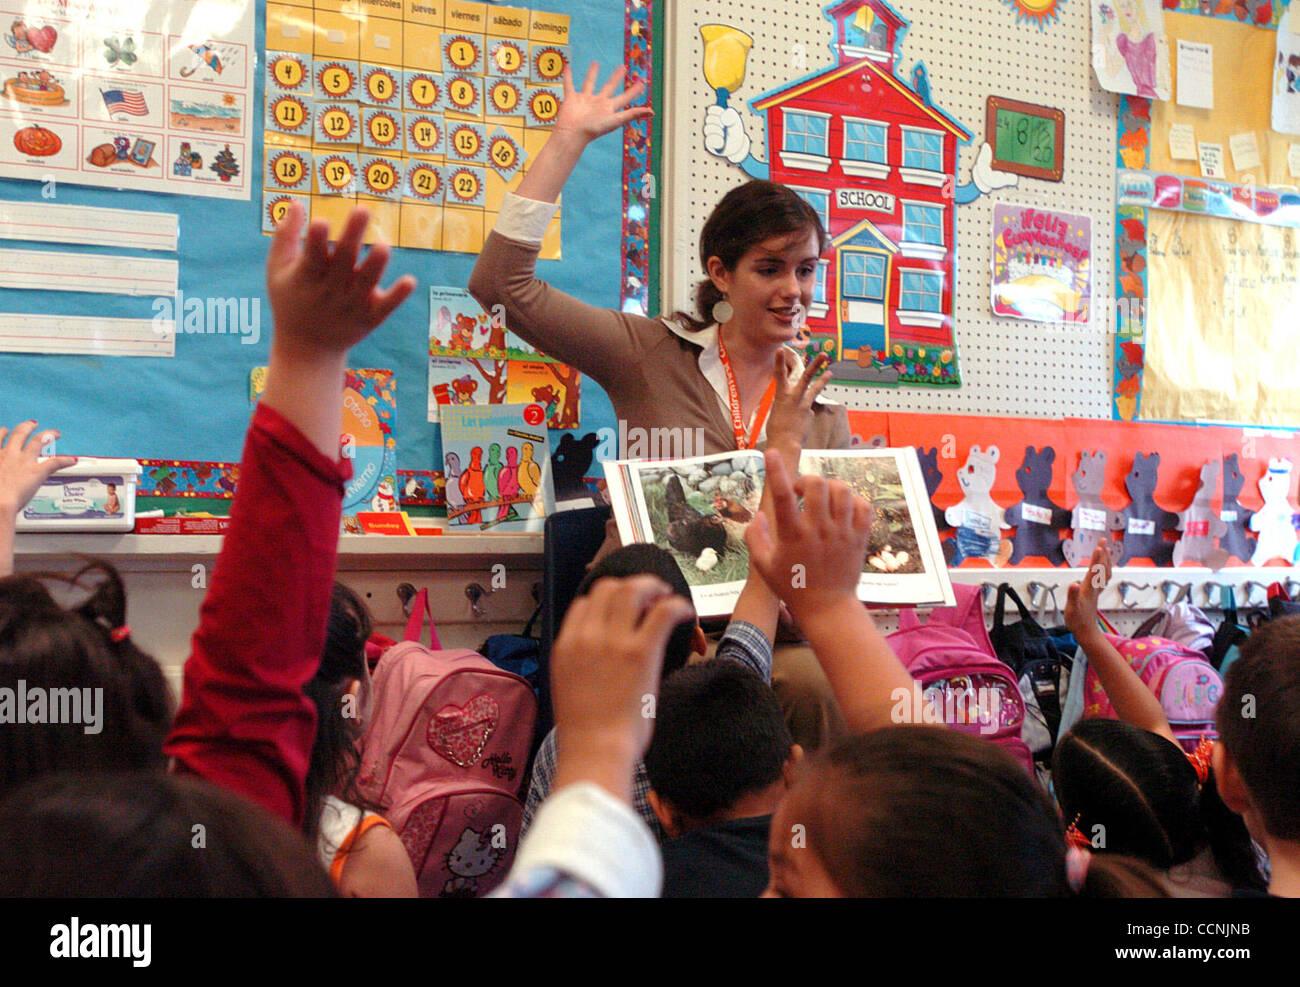 Metro for jennie caputo amalia garcia moron teaches at colonial hills elementary